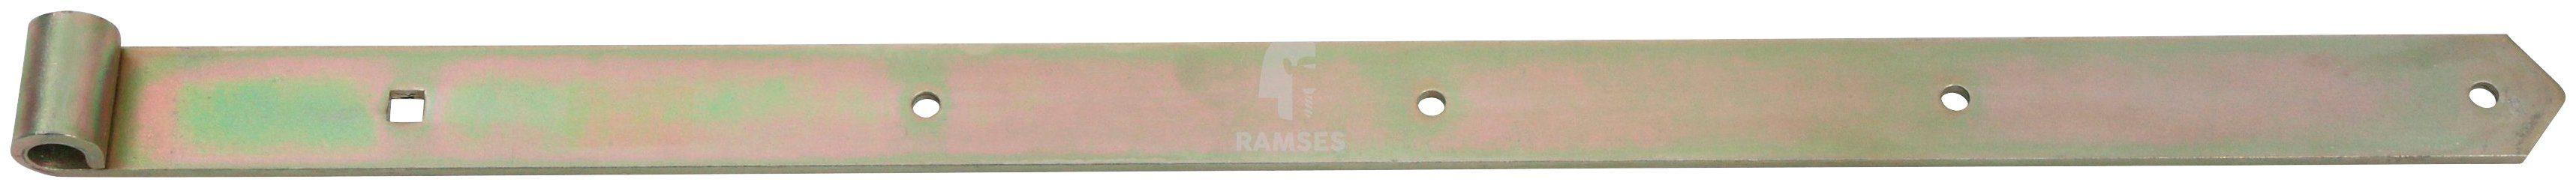 RAMSES Ladenband , schwer für Dorn Ø 16 mm Länge 600 mm Stahl verzinkt